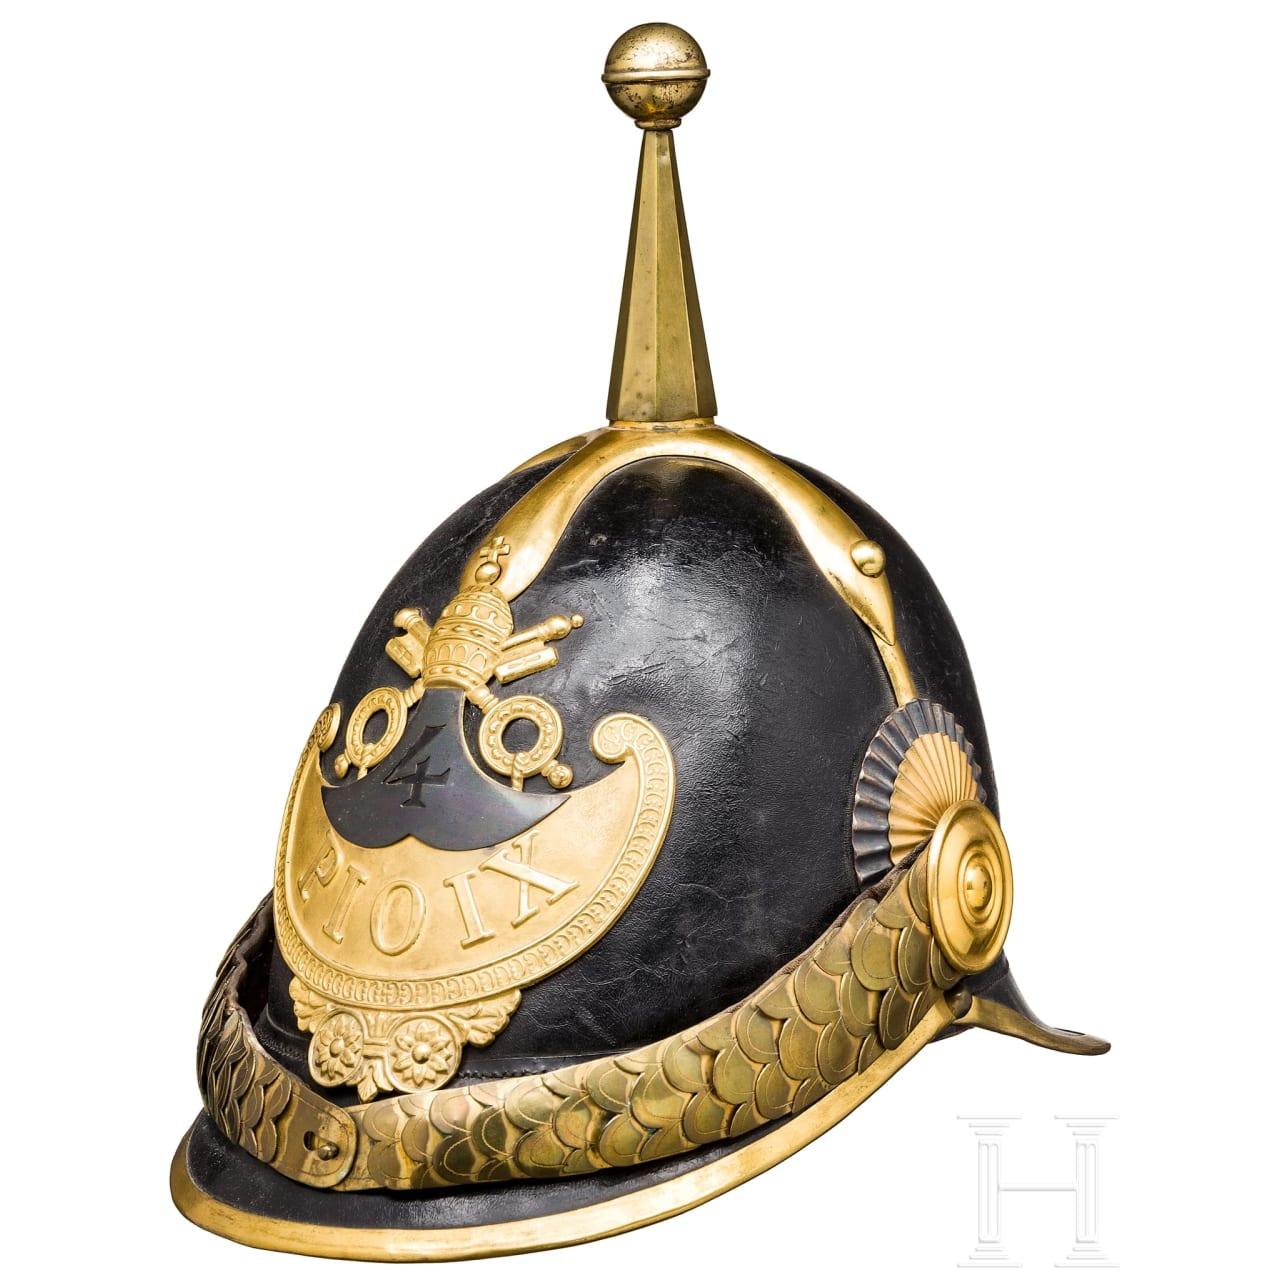 """Helm für Mannschaften der """"Guardia Civica Pontificia"""", 1846 - 78"""